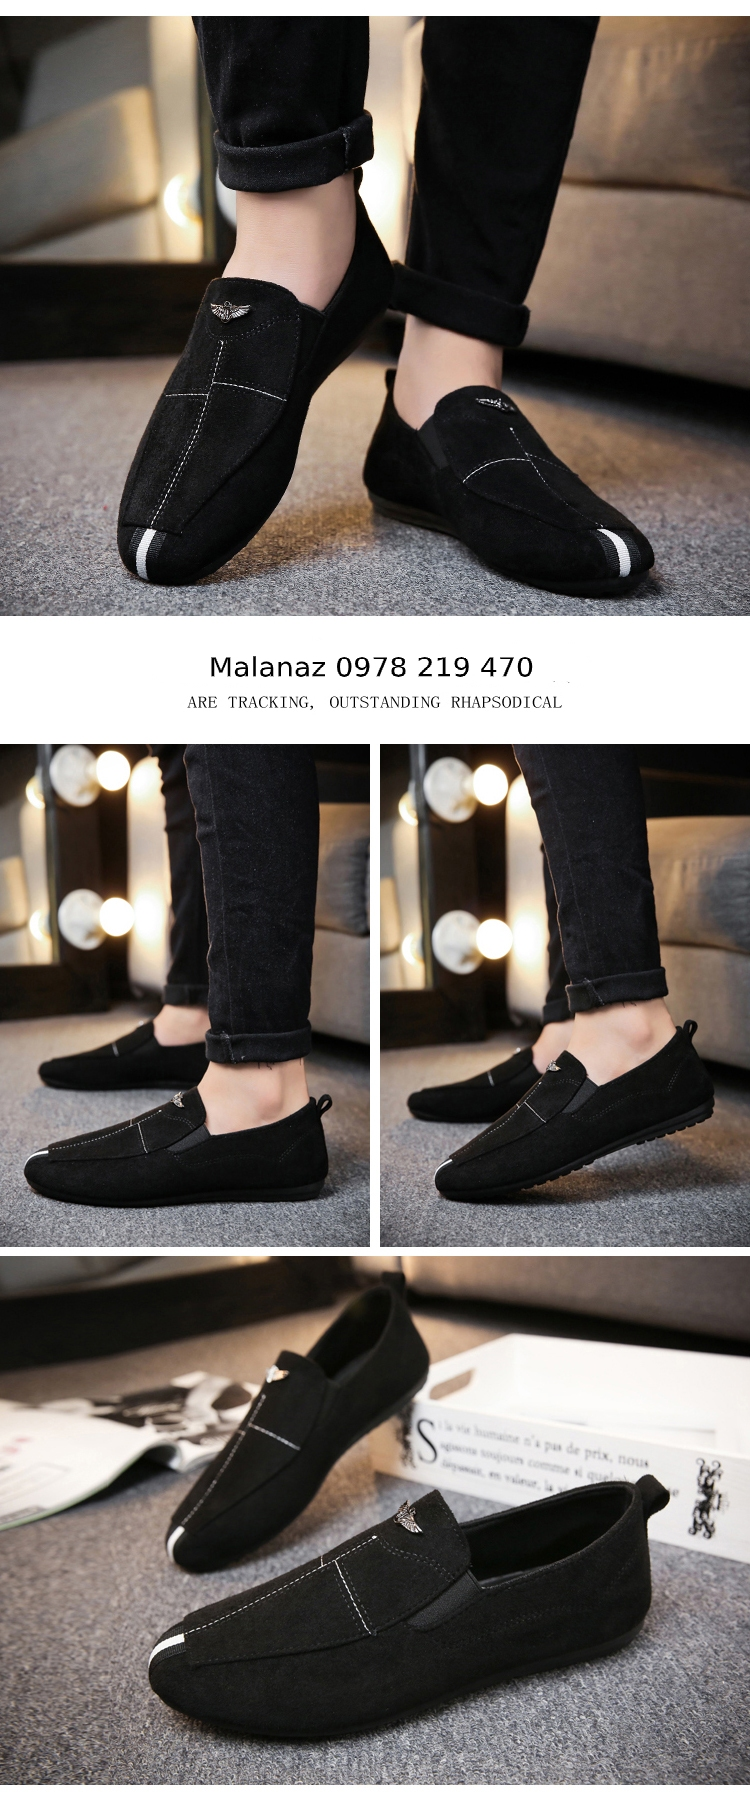 GIÀY DA NAM CÔNG SỞ - GD09 Malanaz Shopping Giao hàng toàn quốc - Giá tốt